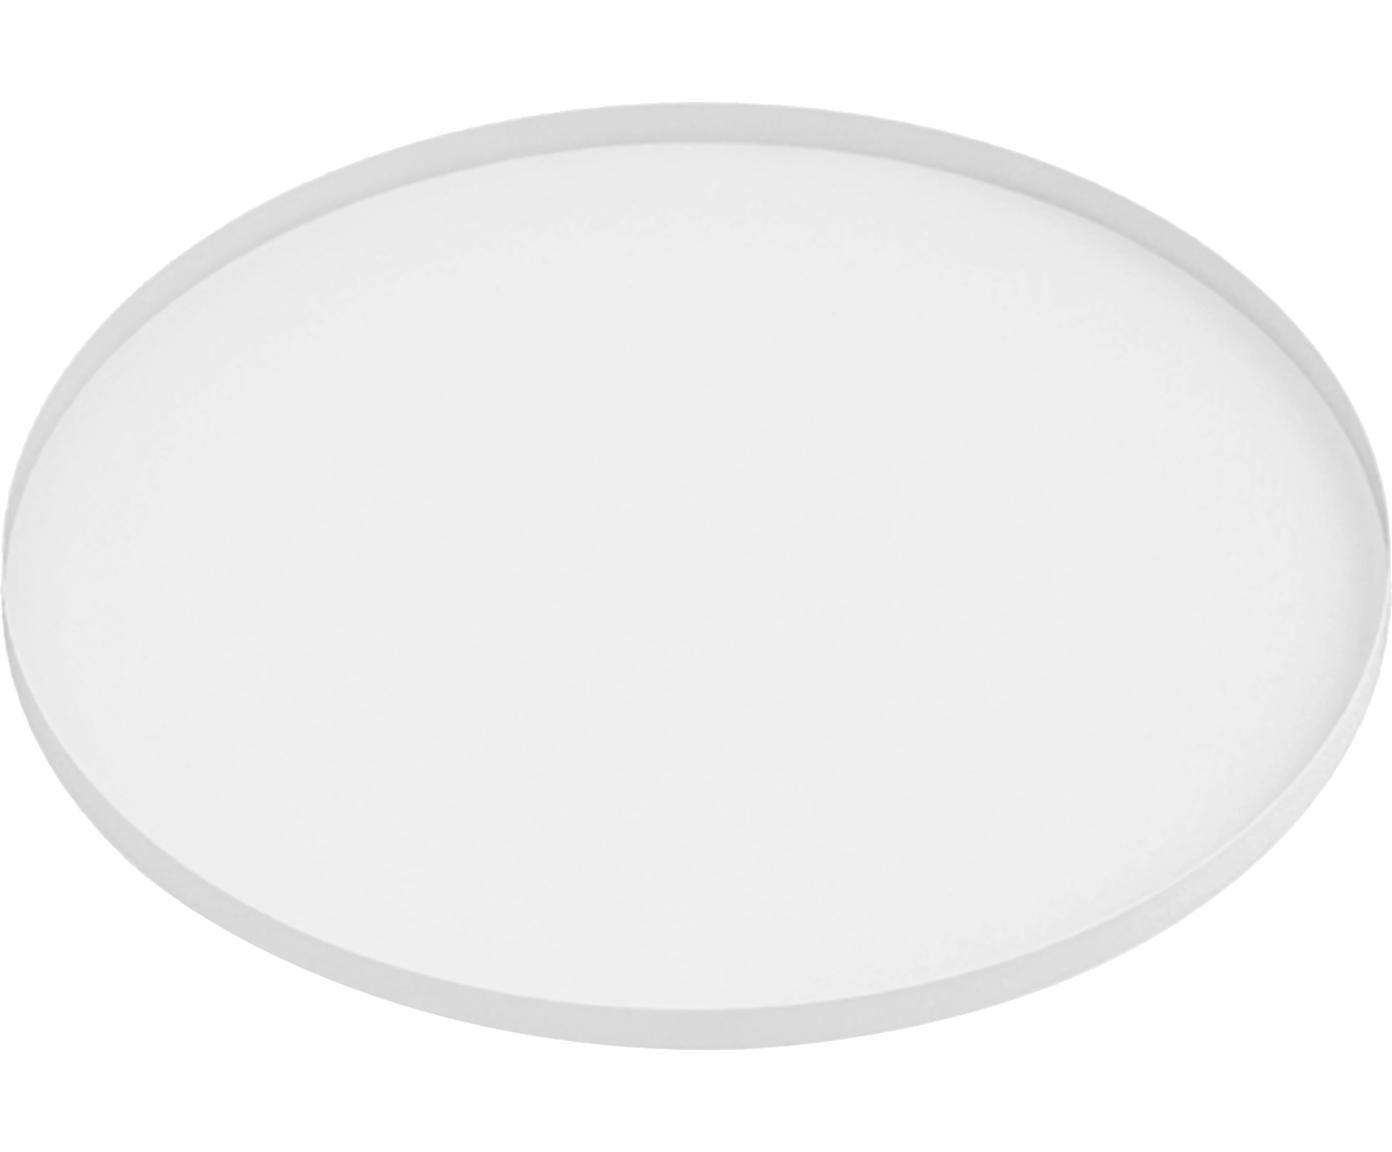 Tablett Arla, Metall, beschichtet, Weiss, Ø 41 cm